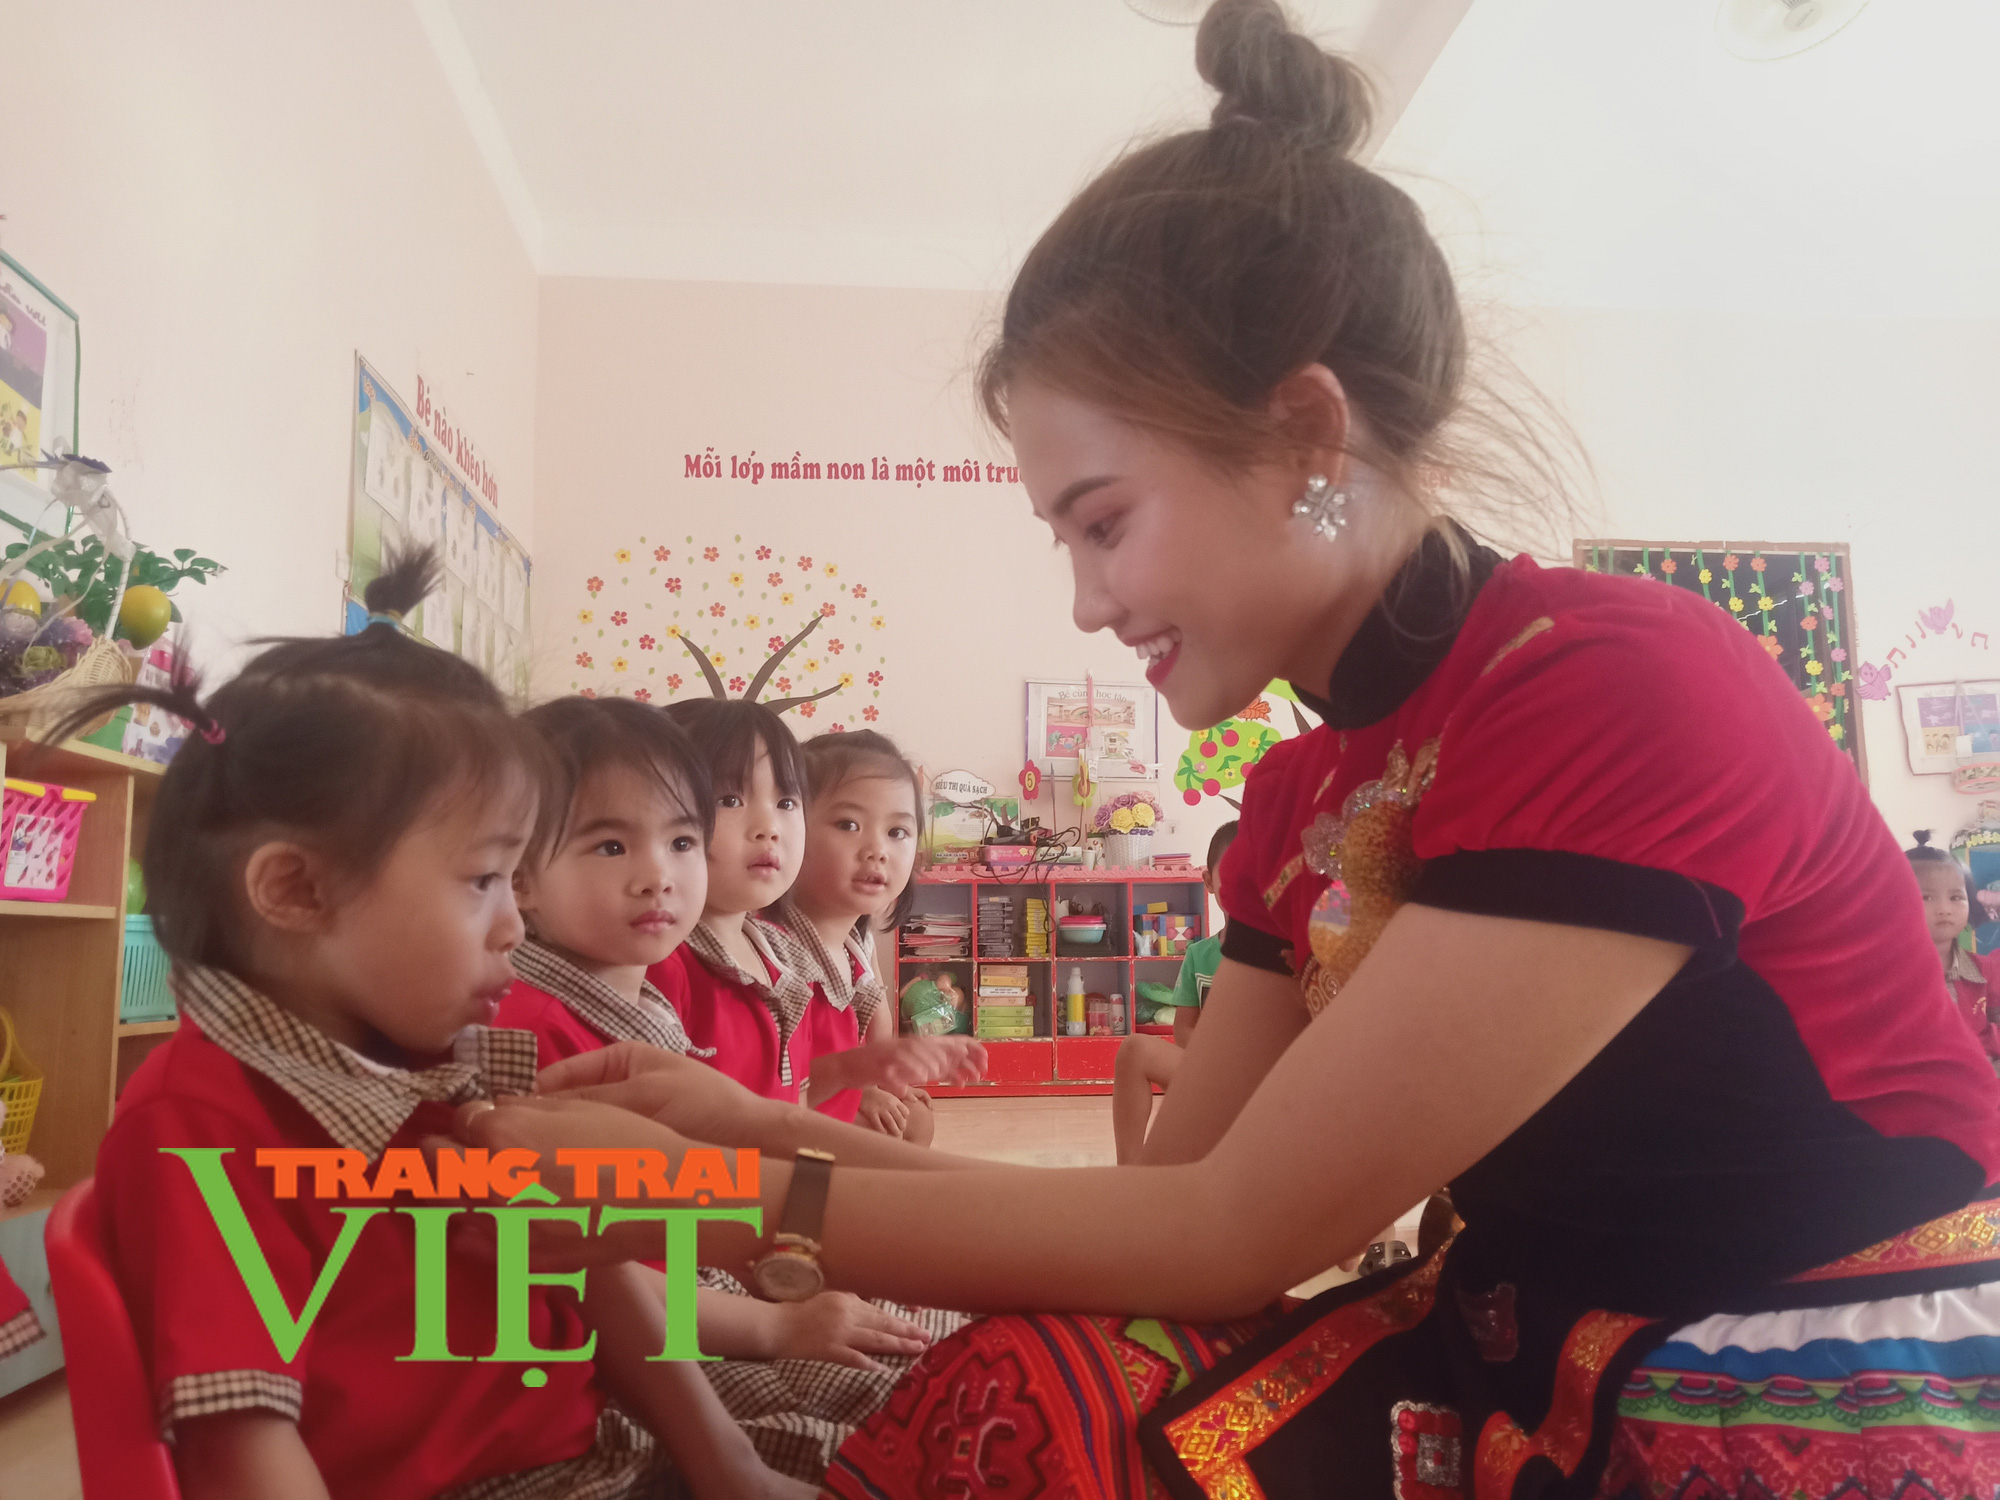 Sơn La: Những đột phá mới trong nâng cao chất lượng giáo dục và đào tạo - Ảnh 11.